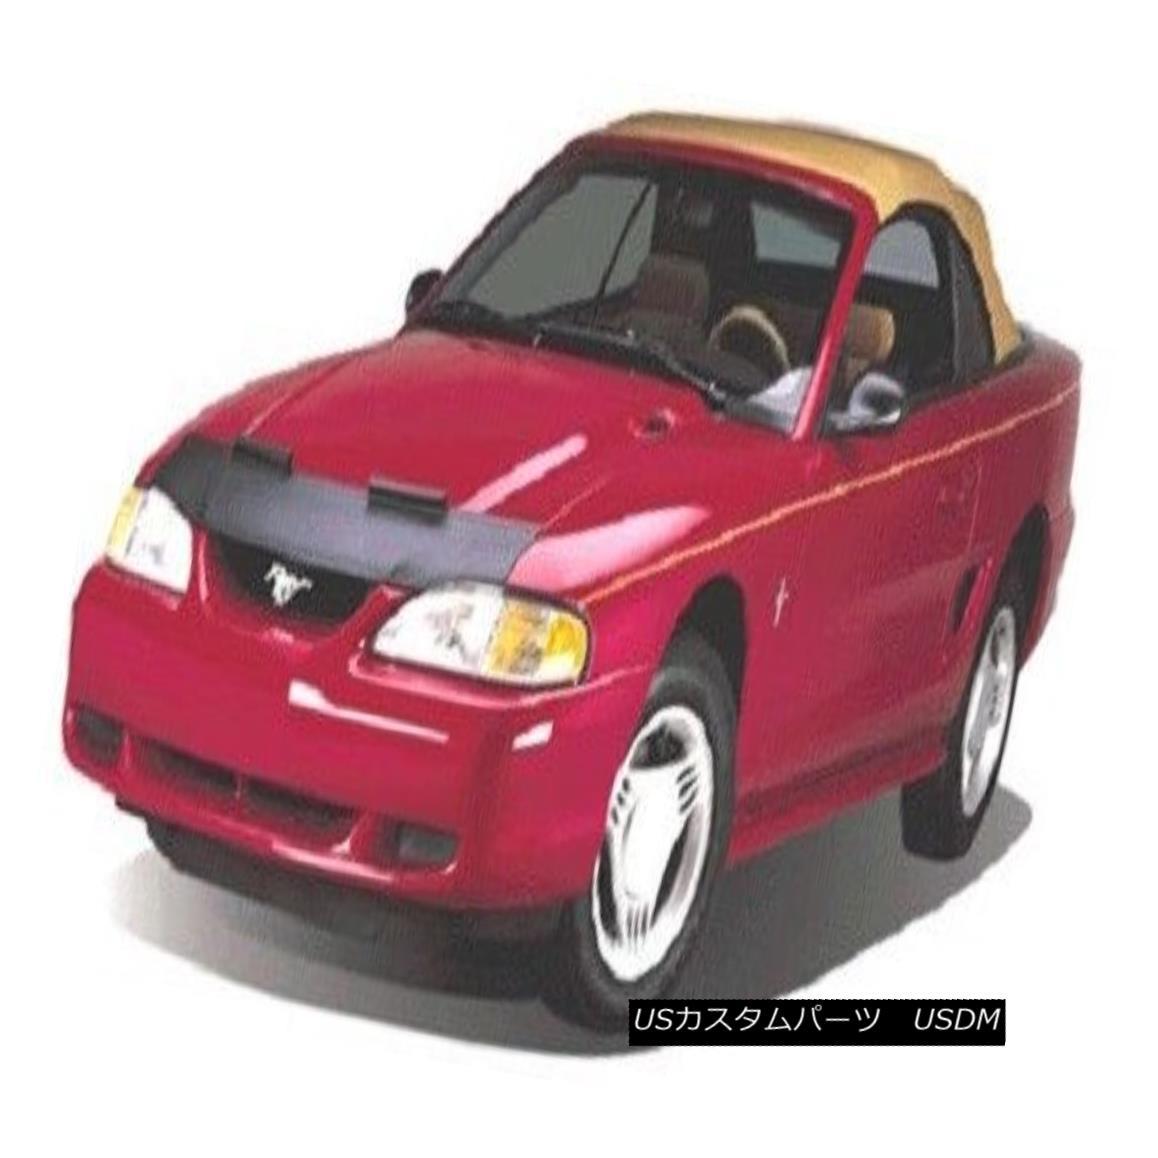 フルブラ ノーズブラ Lebra Hood Protector Mini Mask Bra Fits Kia Rio Sedan 2003 2004 2005 LebraフードプロテクターミニマスクブラはKia Rio Sedanに適合2003 2004 2005